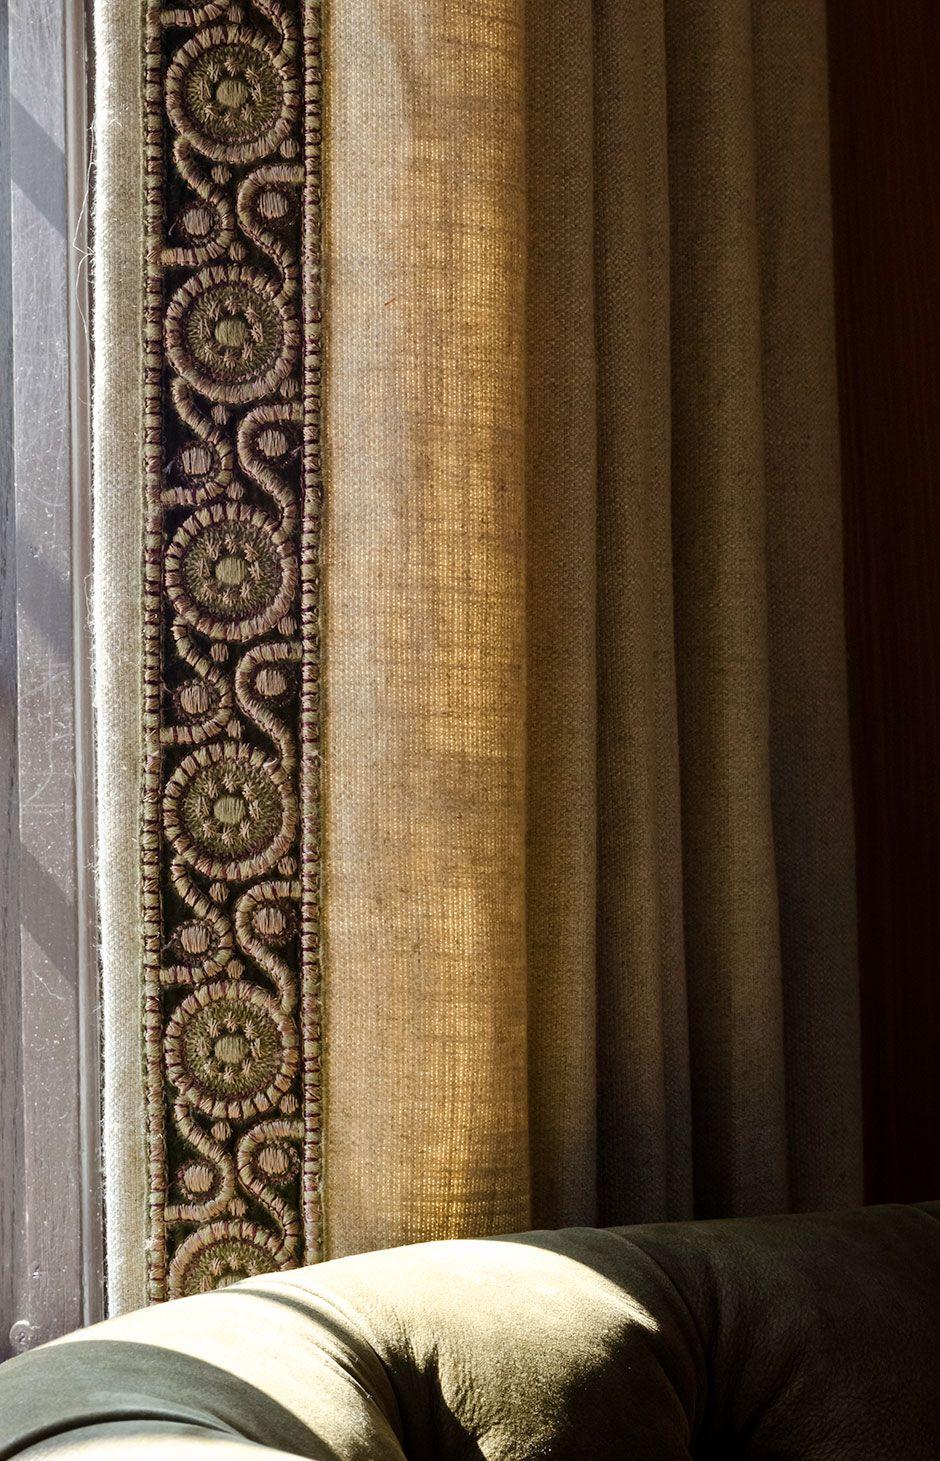 Exquisitely Bordered Trim Dresses Up Rustic Fabric